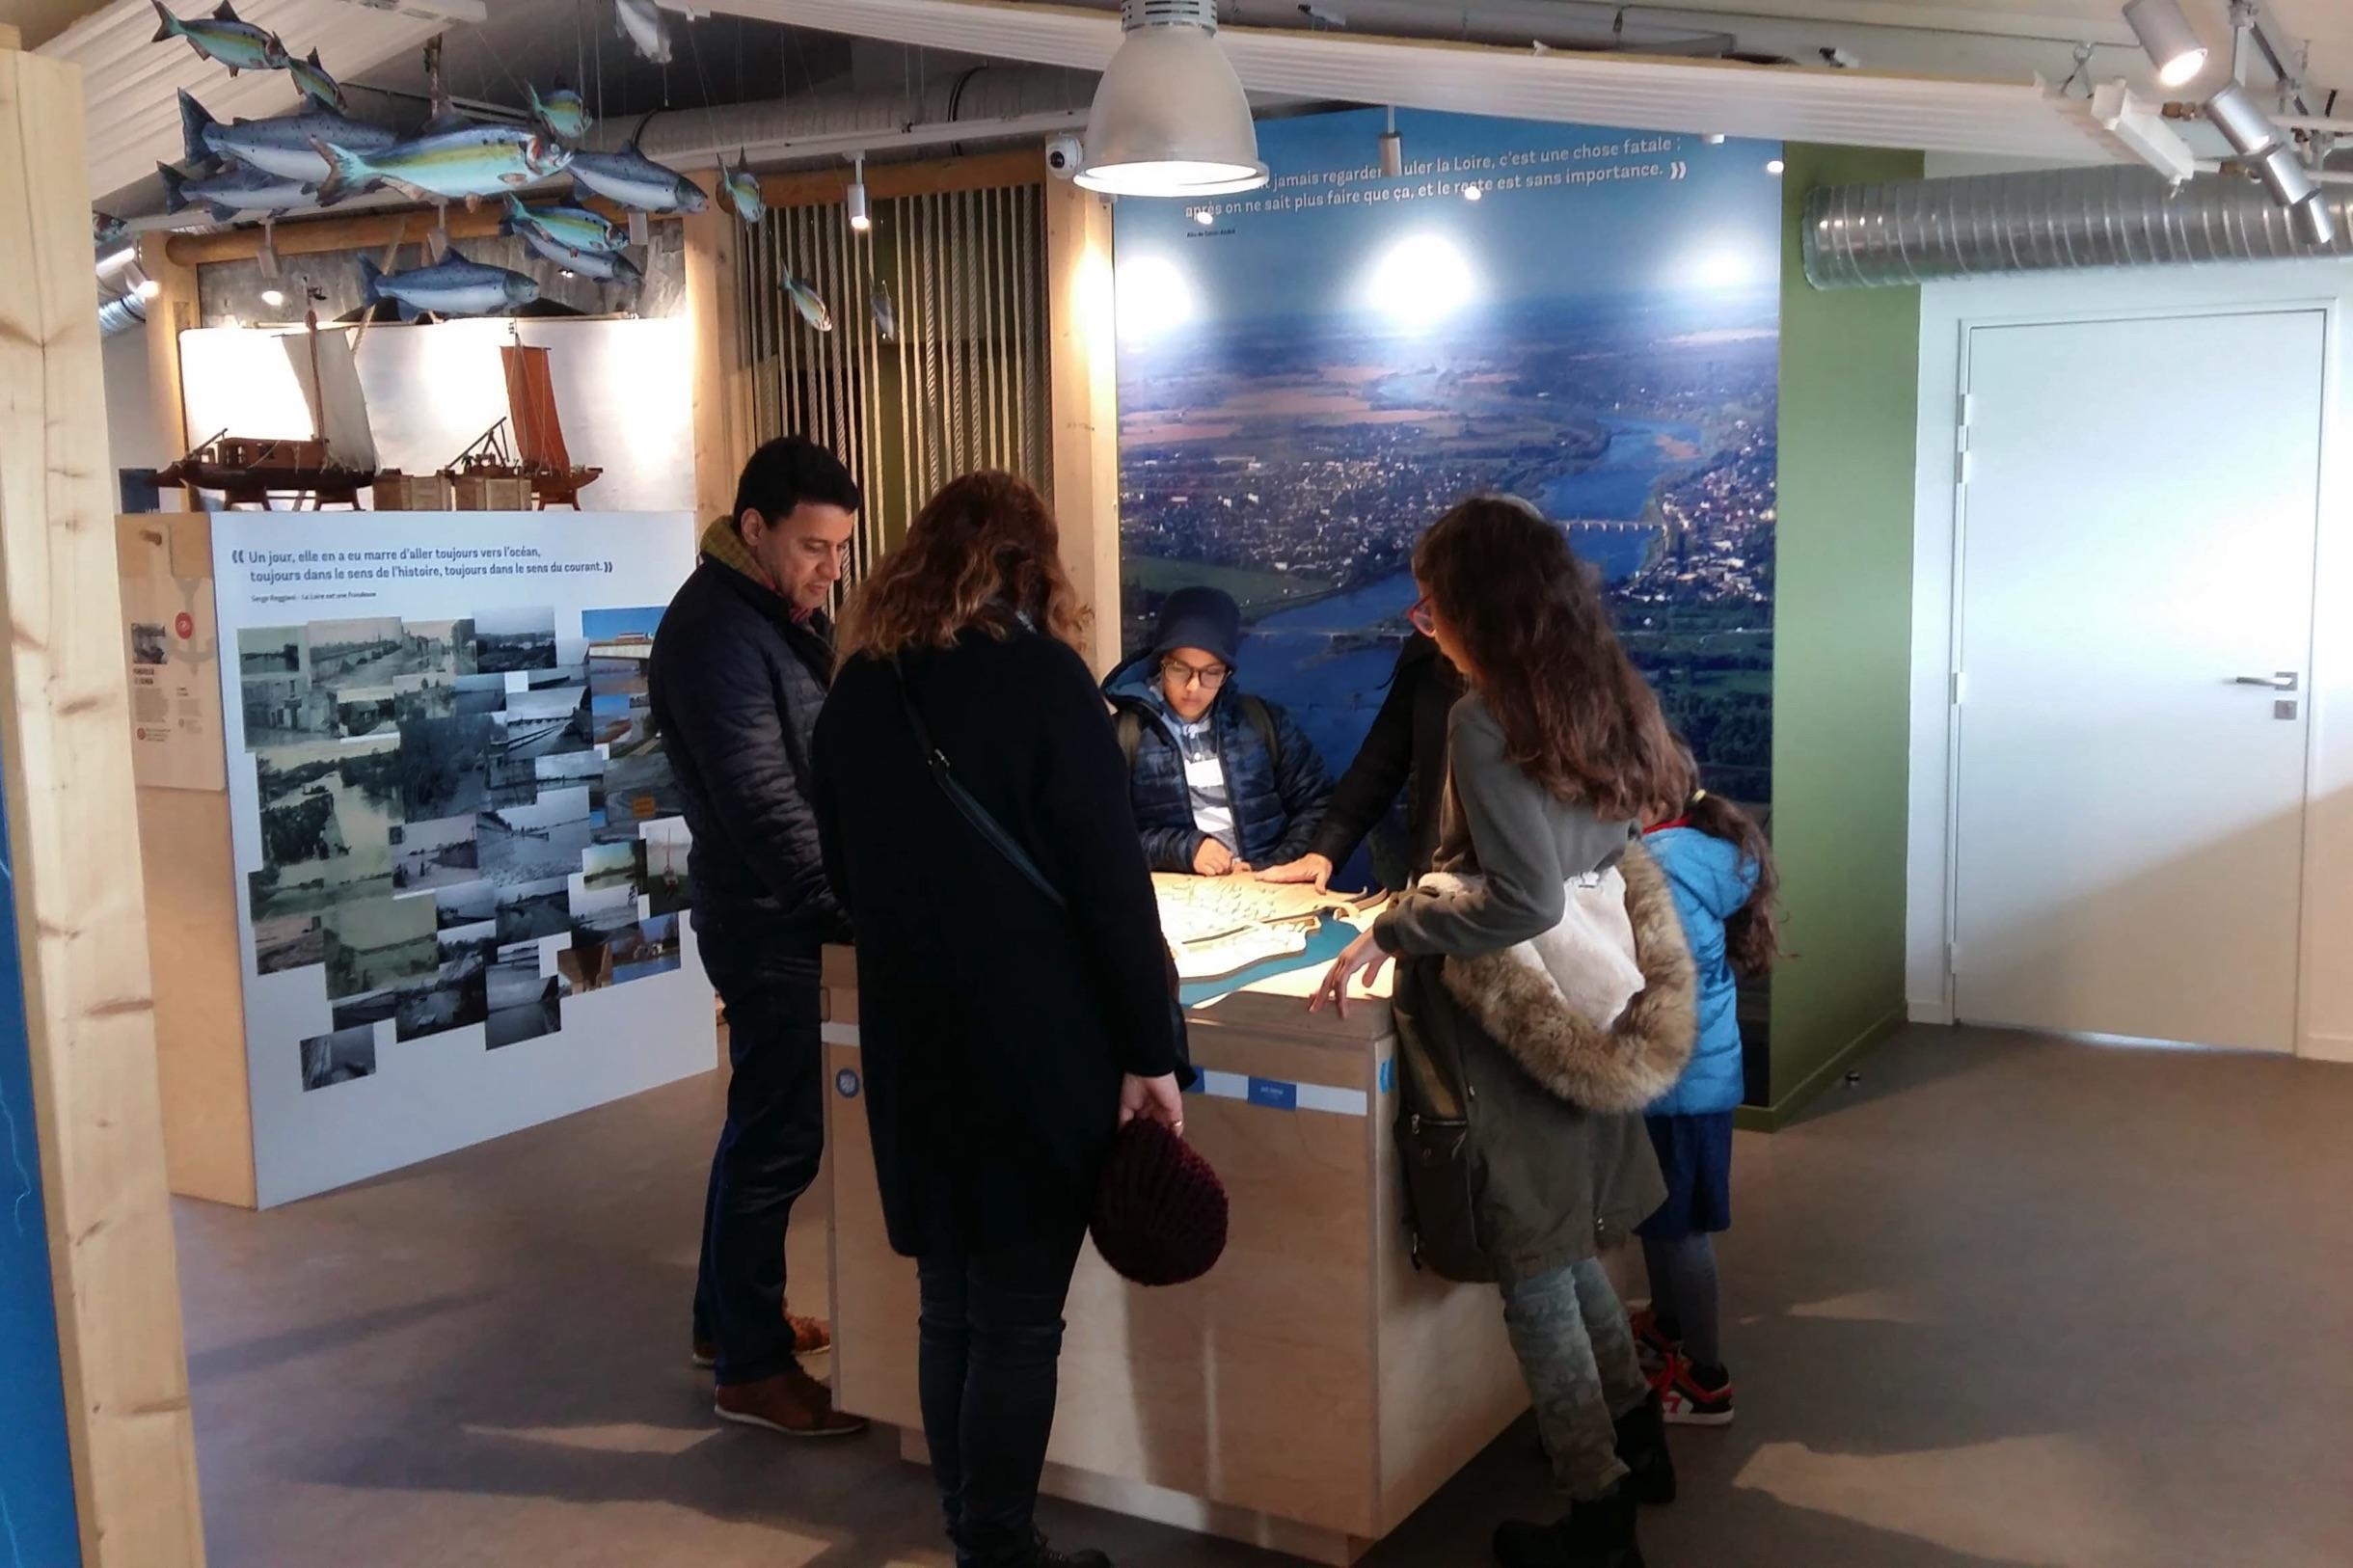 Des visiteurs et visiteuses parcourent l'exposition del'Observatoire.